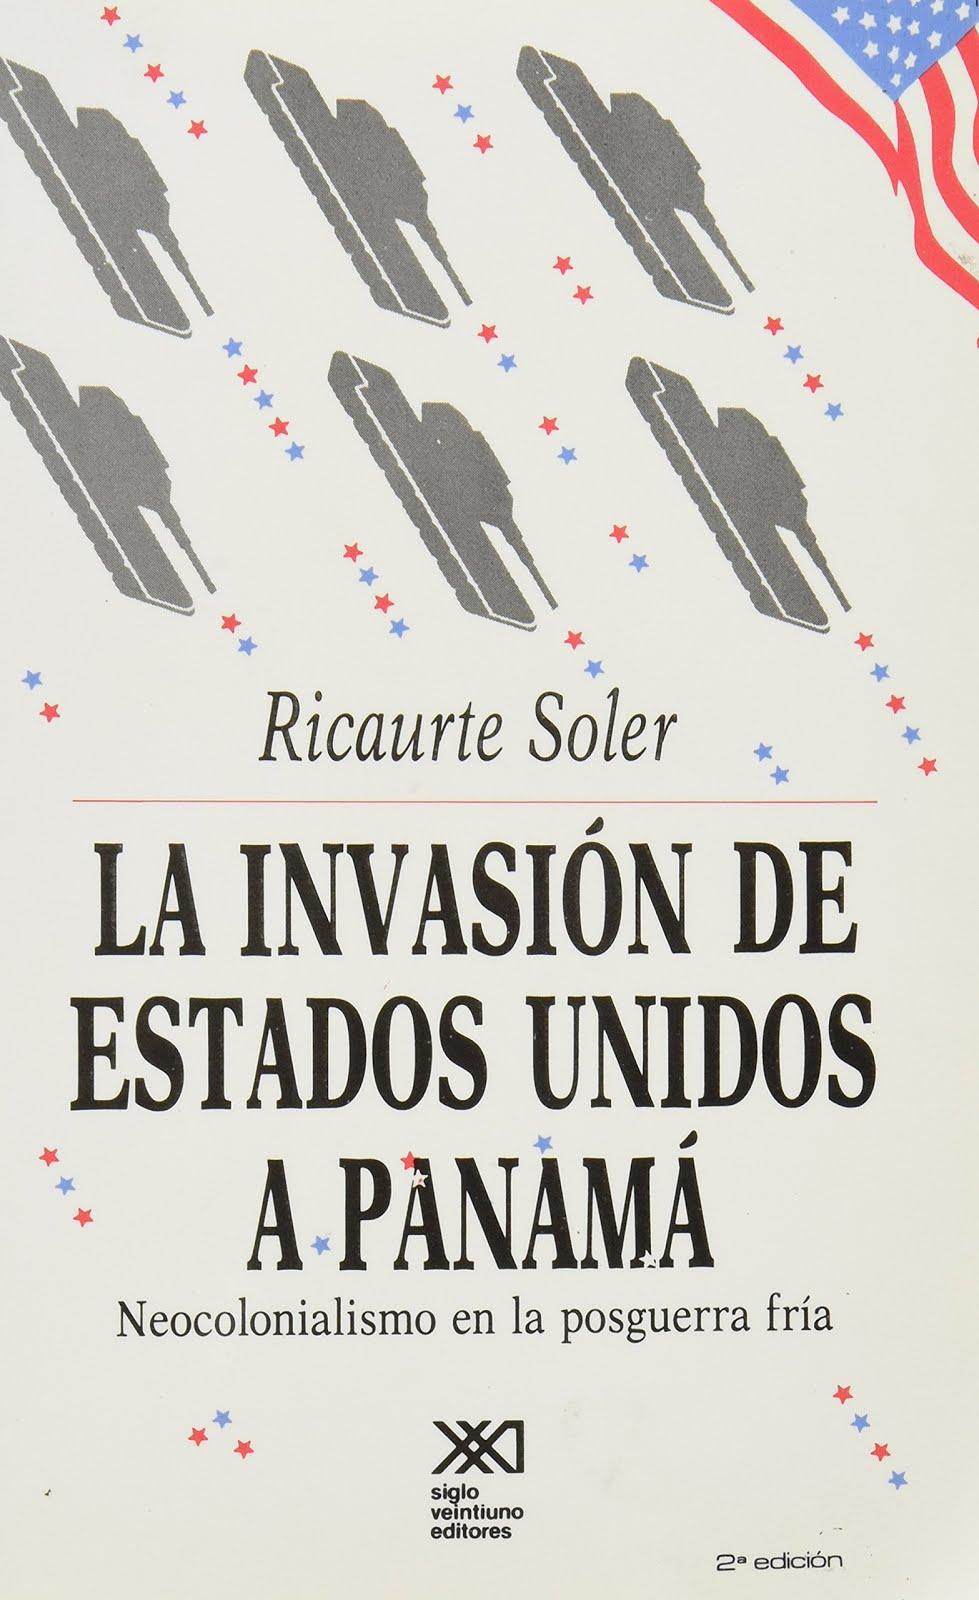 La invasión de EEUU a Panamá: Neocolonialismo en la posguerra fría